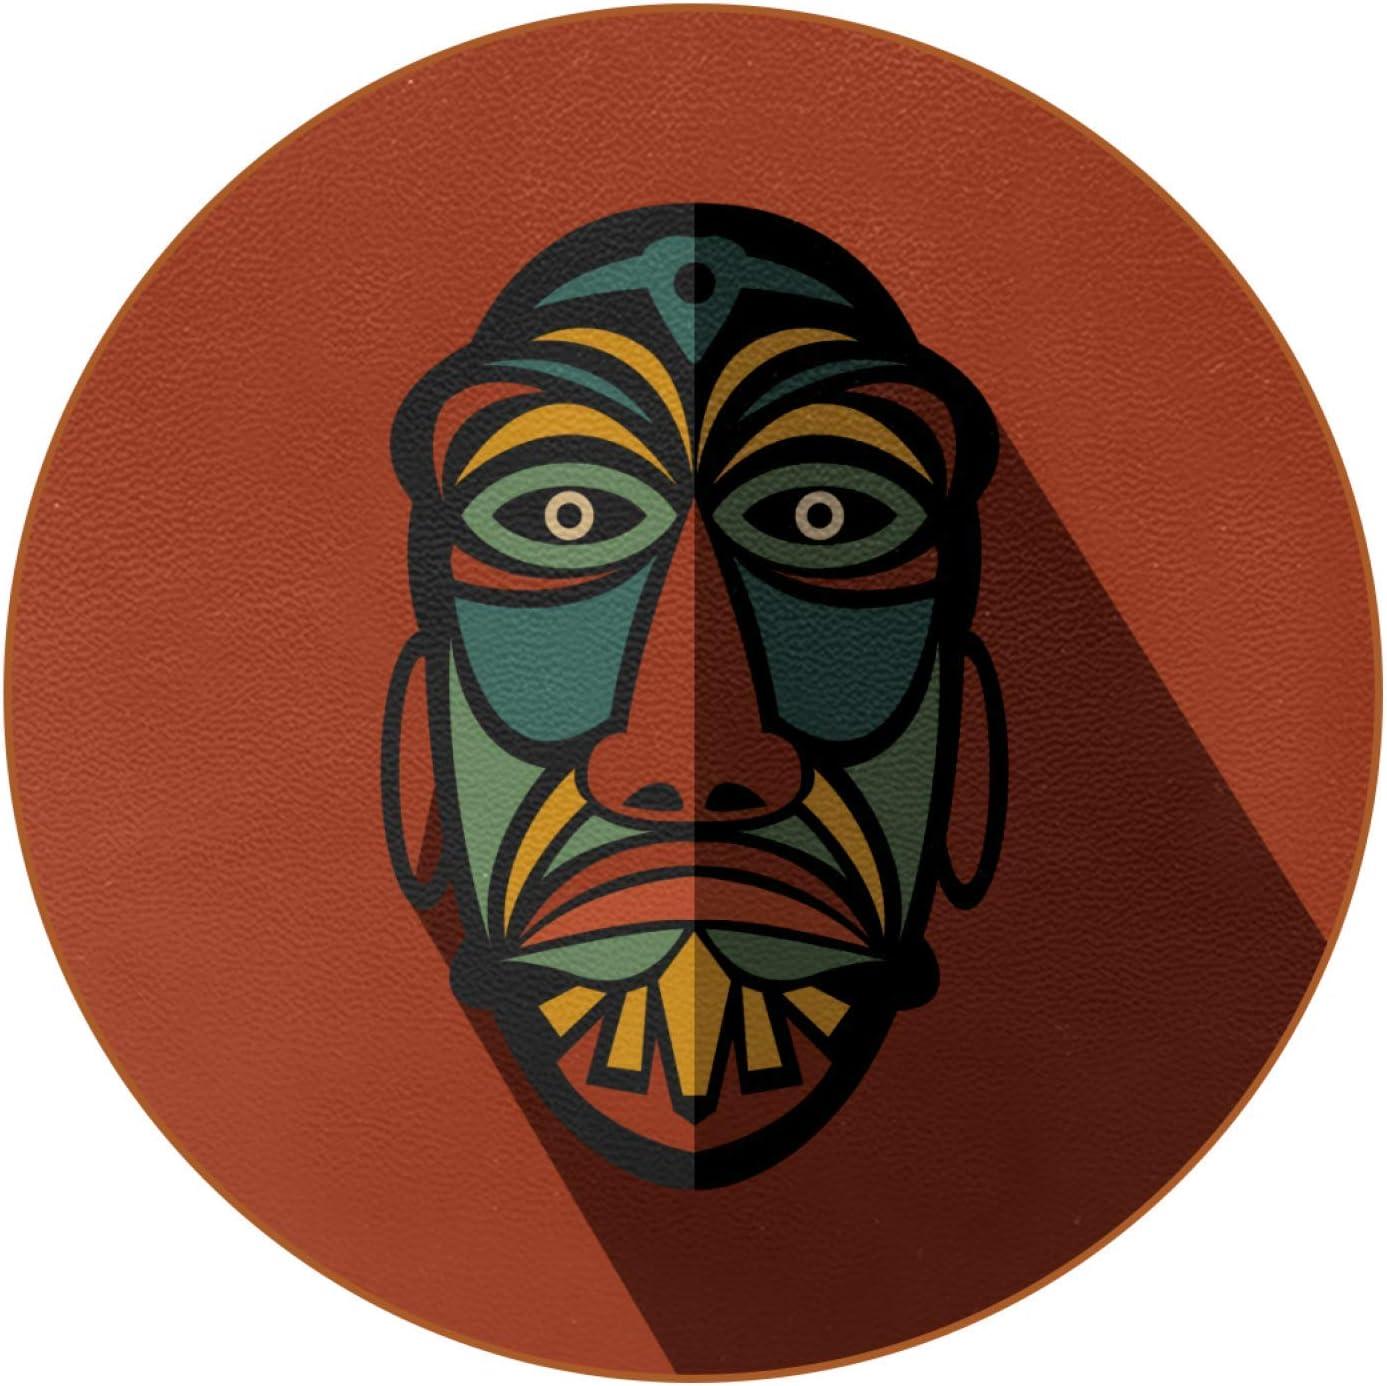 Juego de 6 Posavasos a Prueba de Calor protección de Todas Las Superficies de la Mesa Incluyendo Madera Vidrio mármol Piedra Máscara de tótem Africano 11x11 cm